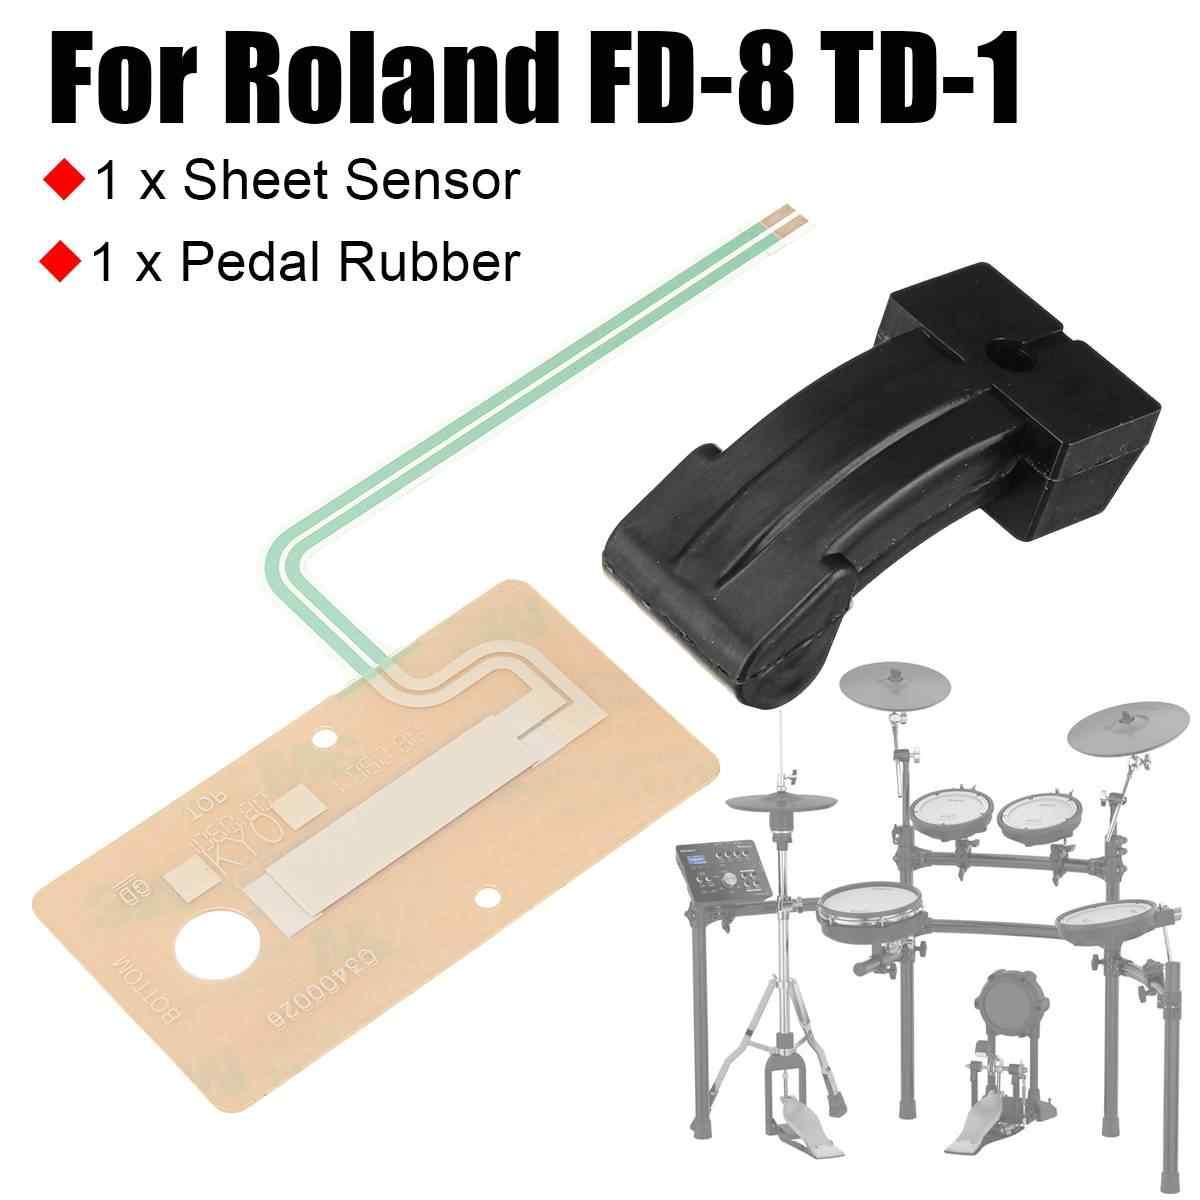 新しいシートセンサー + ペダルゴムアクチュエータは、ローランド FD,8 TD,1 ハイ帽子ペダルゴム部分ドラムアクセサリー